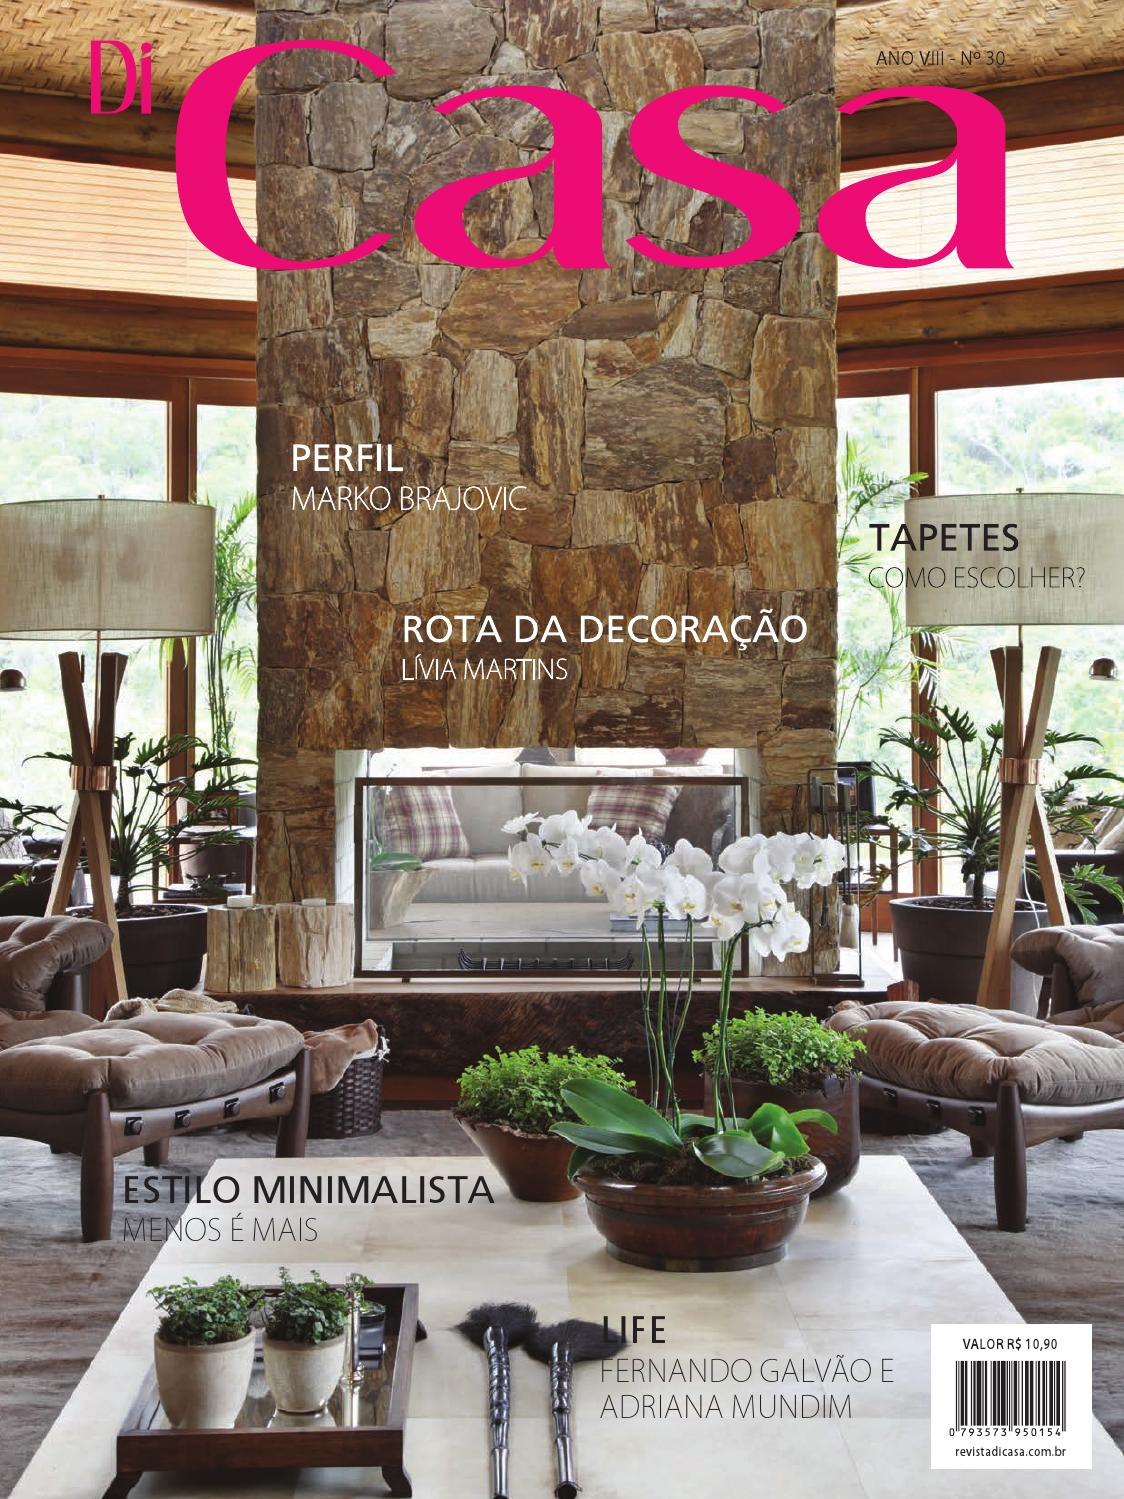 Revista A Uno 7 Junio Julio 2016 By Revistaaunopanama Issuu # Muebles New Style Villa Tesei